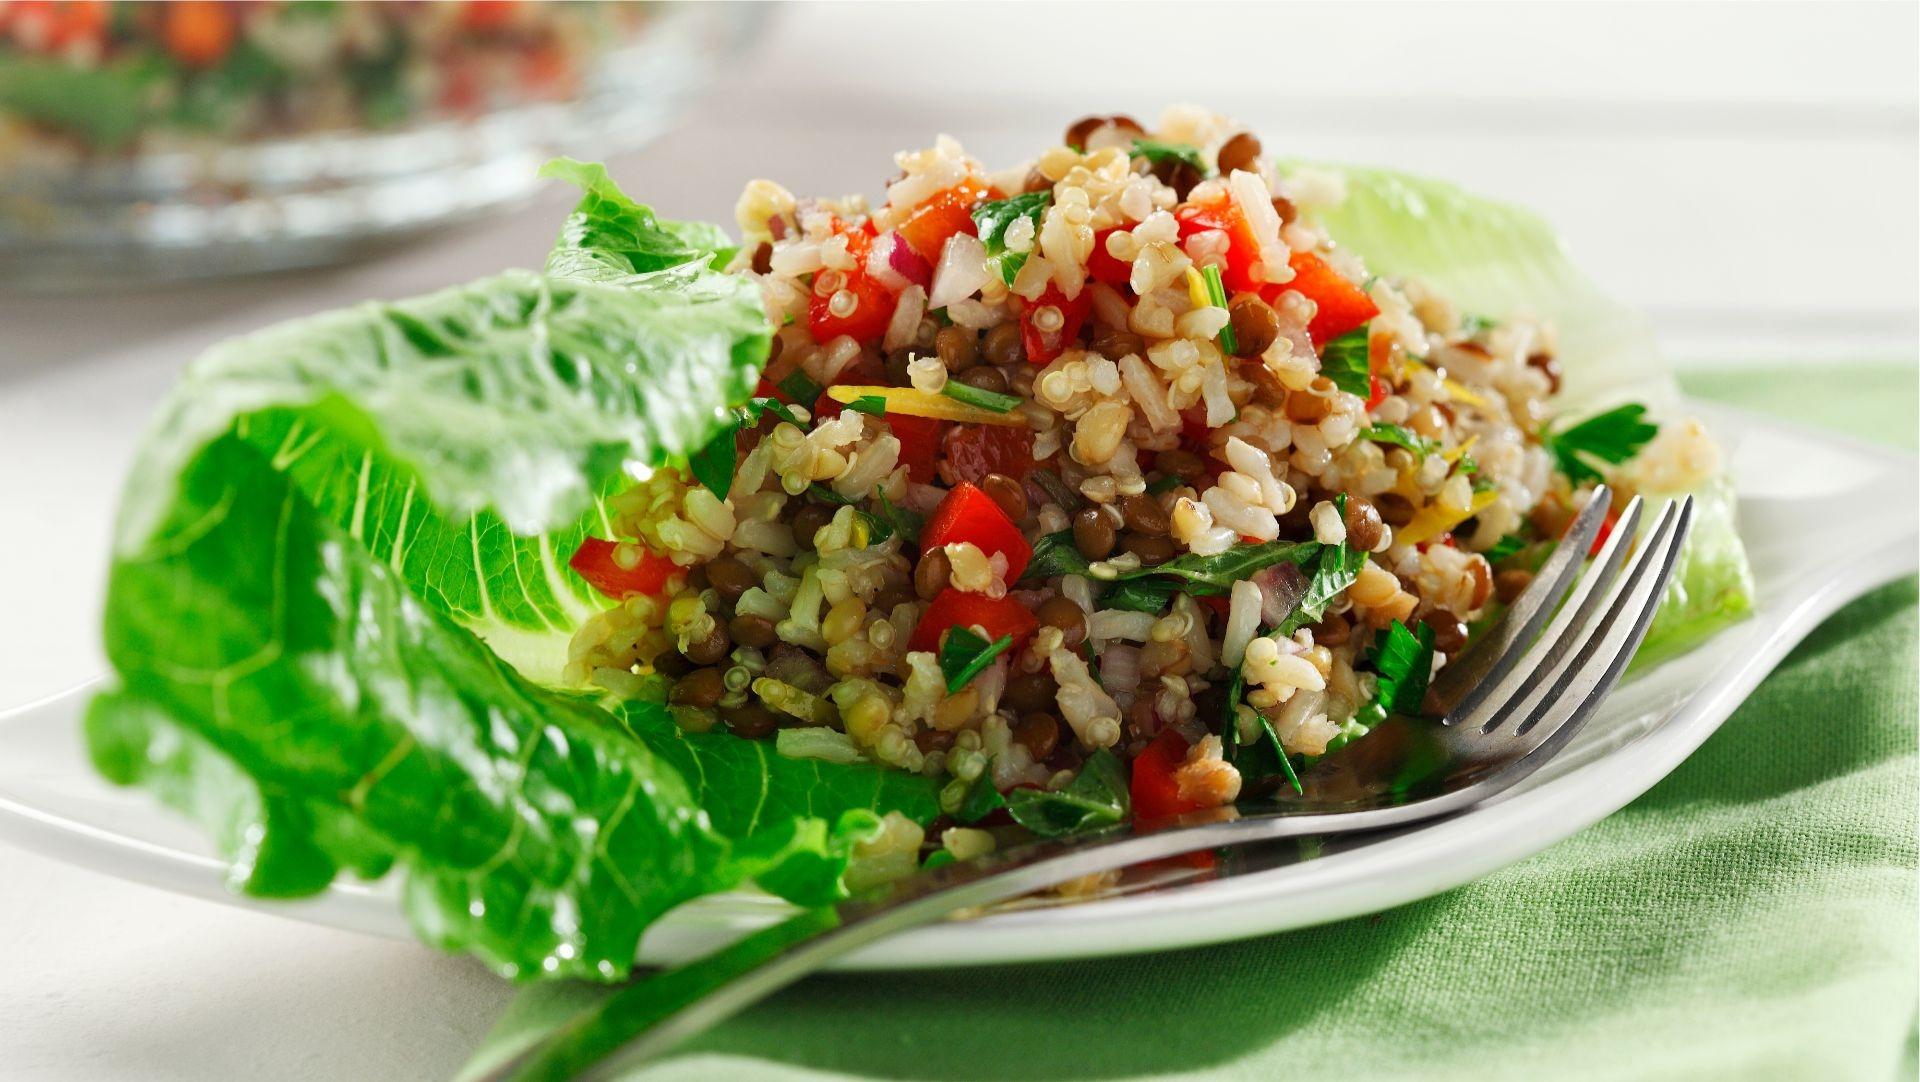 Salade aux trois grains avec fromage de chèvre sur une feuille de laitue.